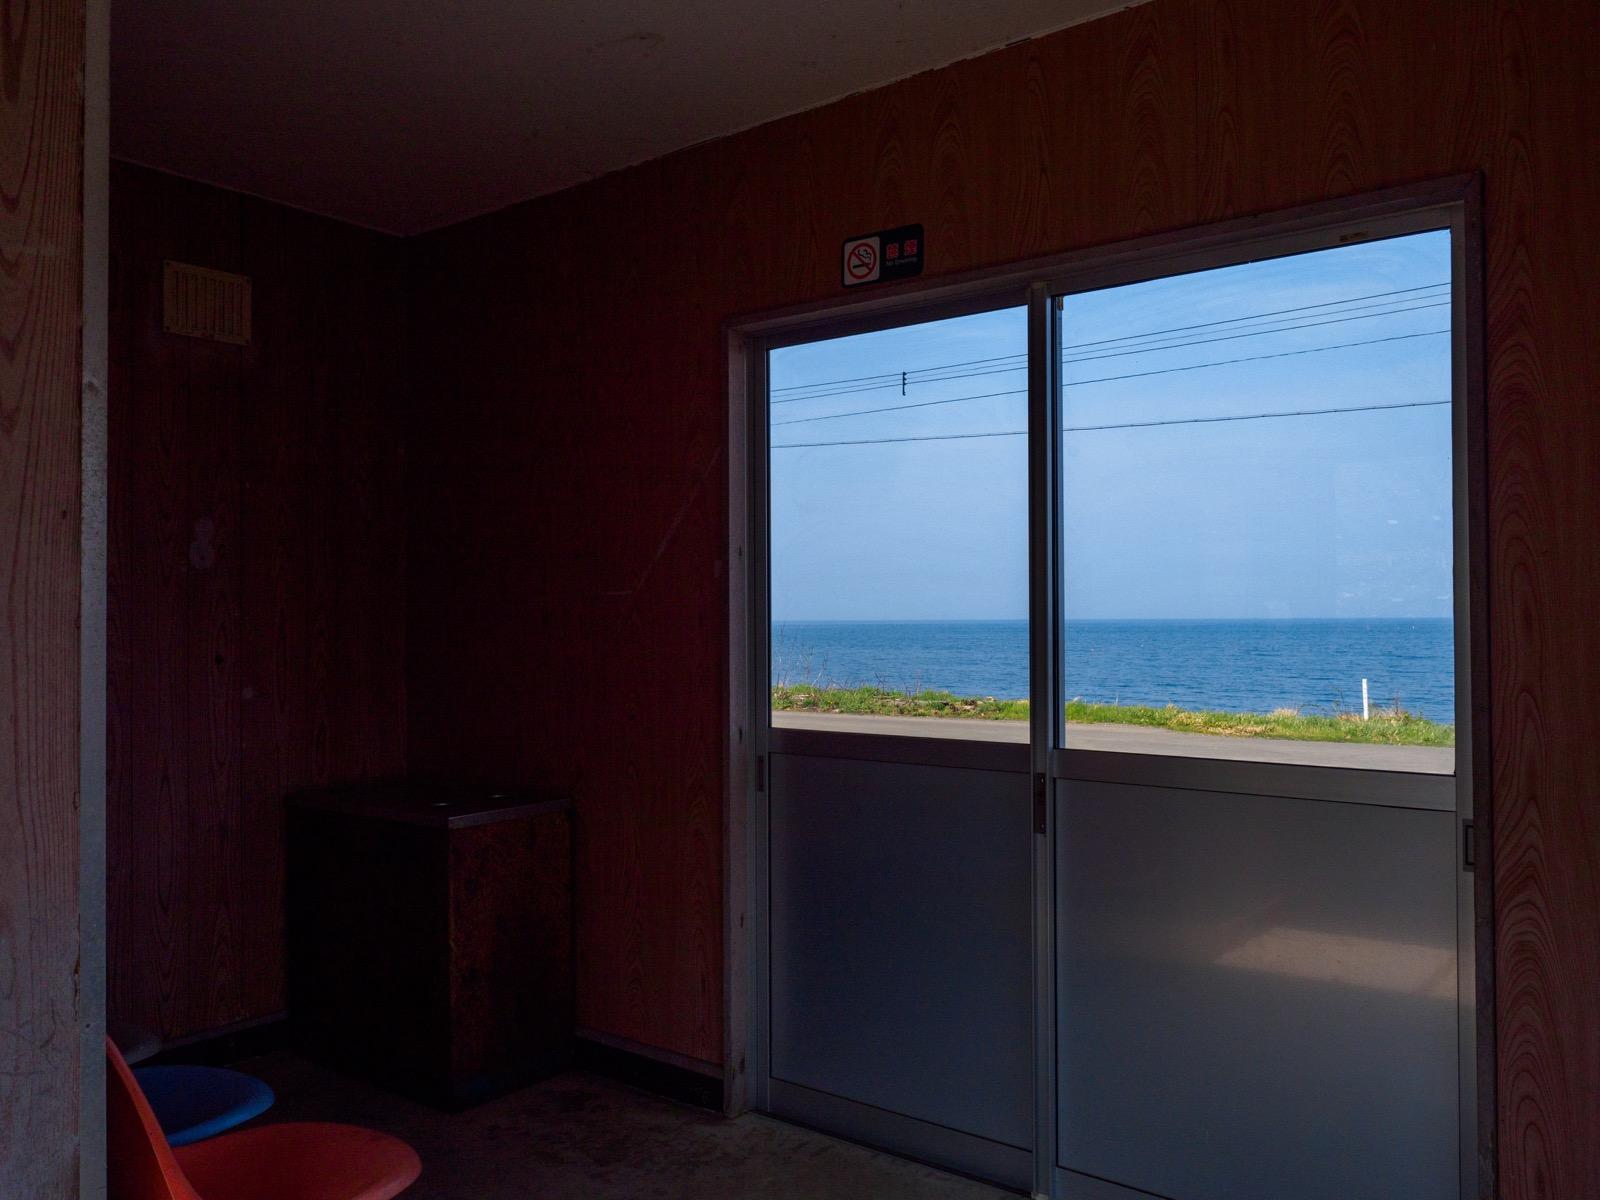 石倉駅の待合室から見た噴火湾(内浦湾)